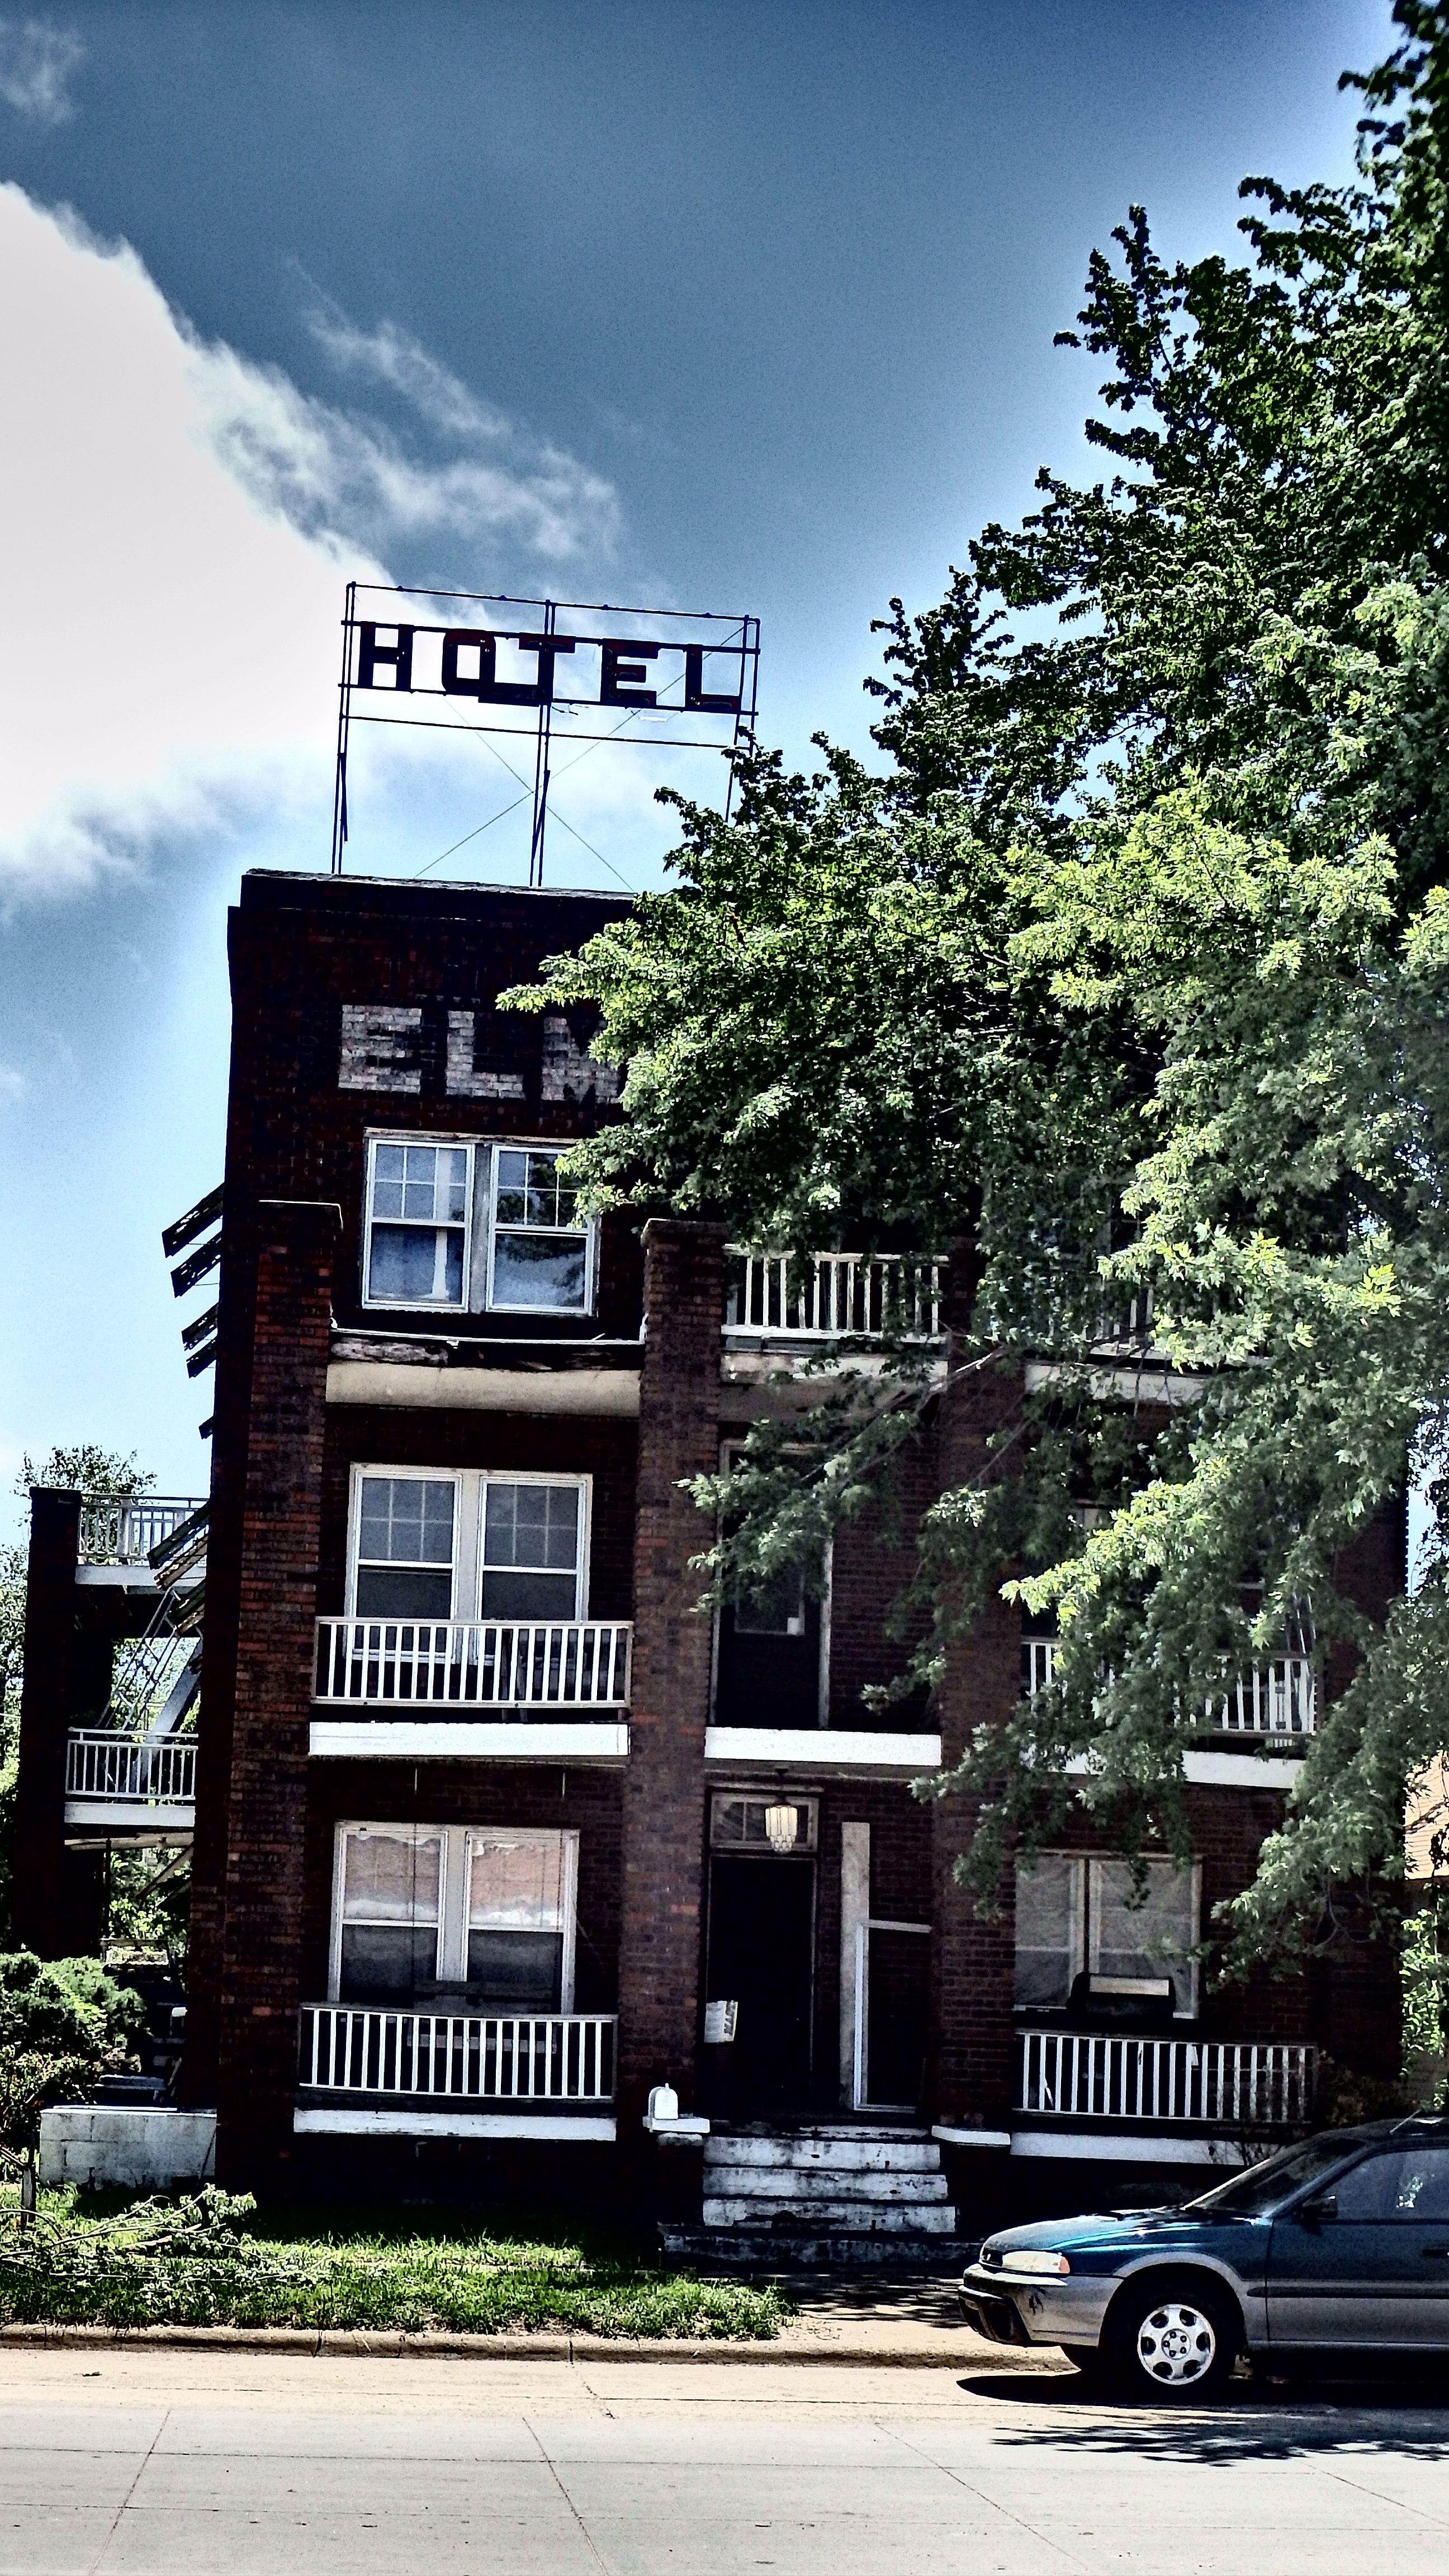 File Elms Hotel Contrast Abilene Ks 14177259320 Jpg